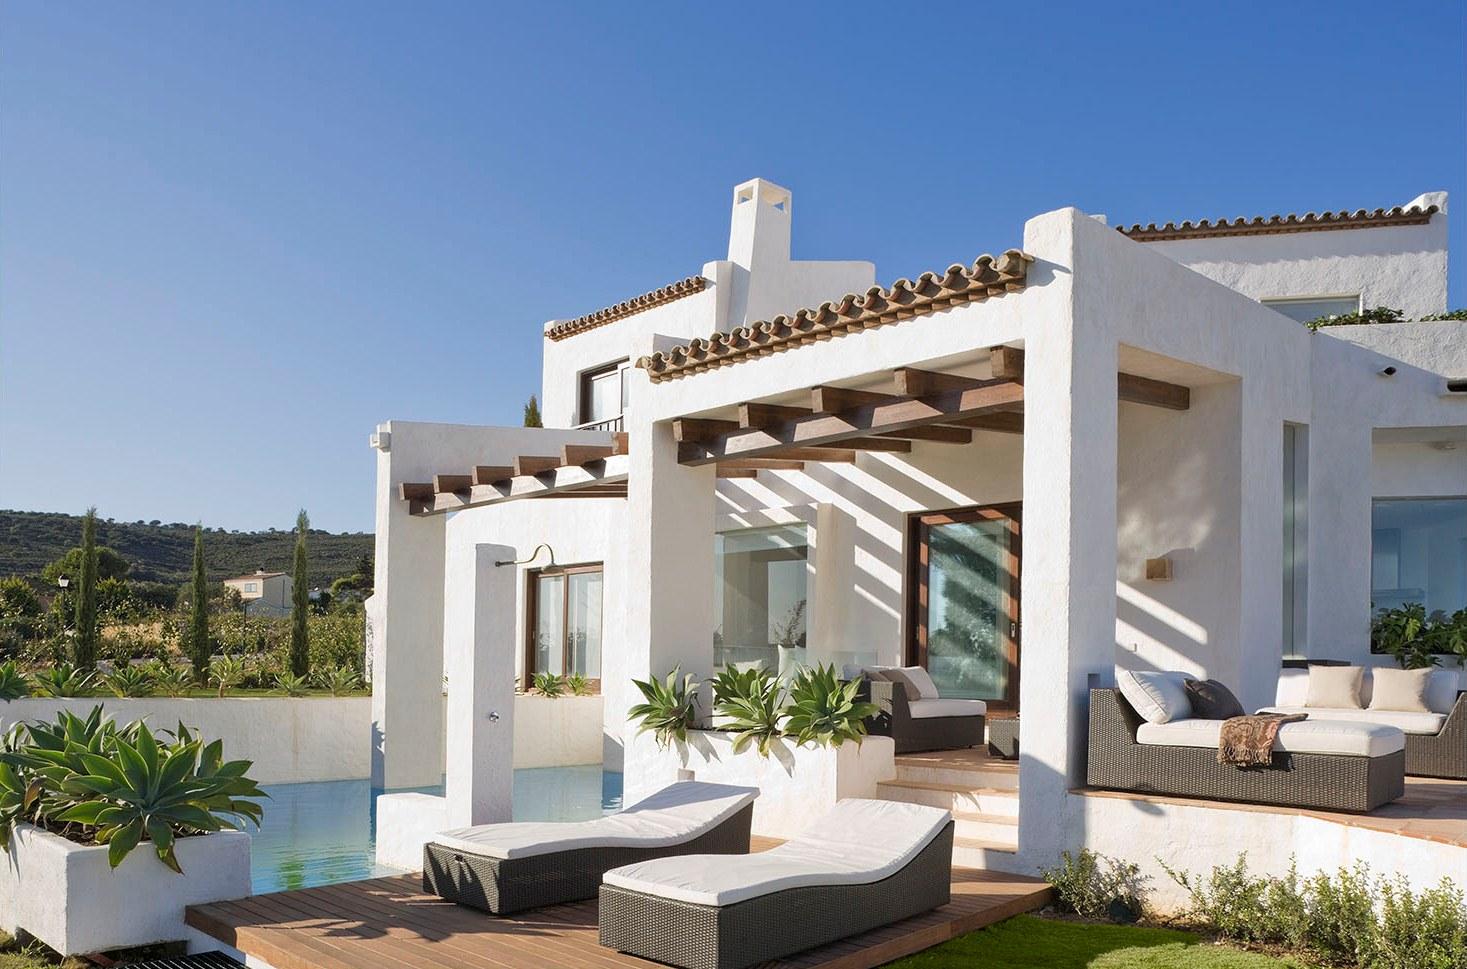 1318 - Esencia andaluza de luz y frescura en una preciosa casa en Sotogrande, Cádiz